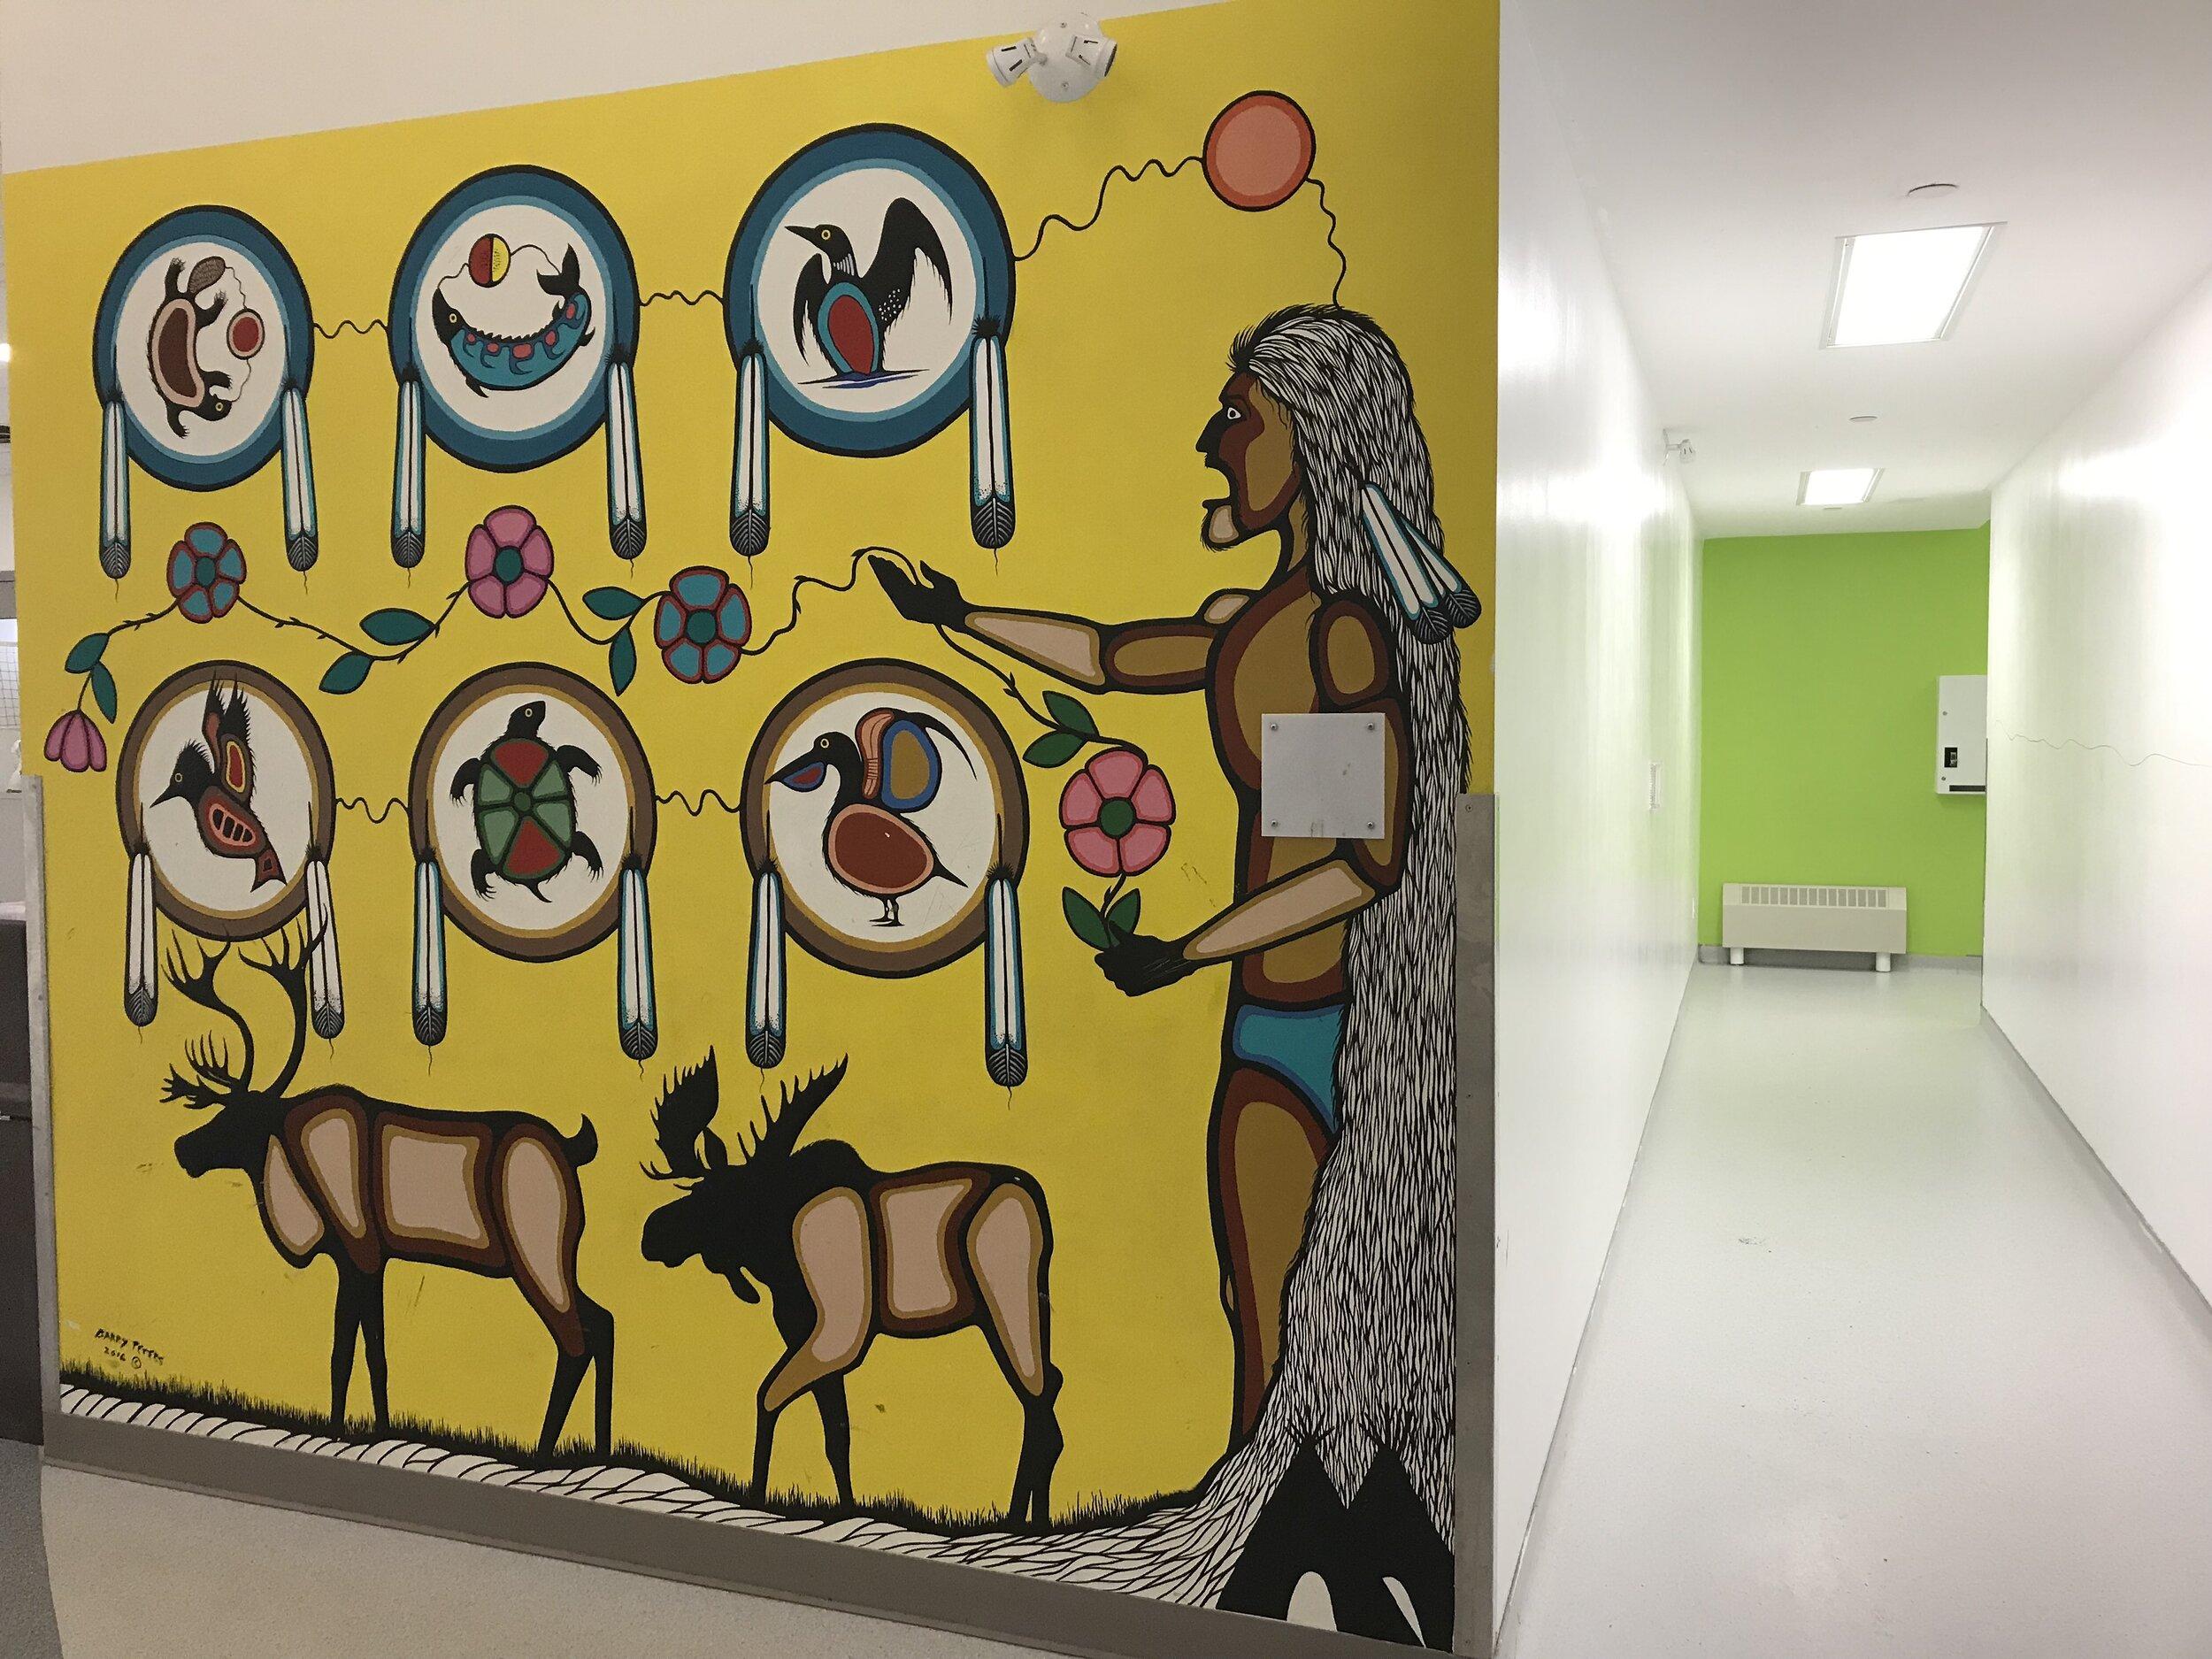 Eenchokay Birchstick School  interior 3